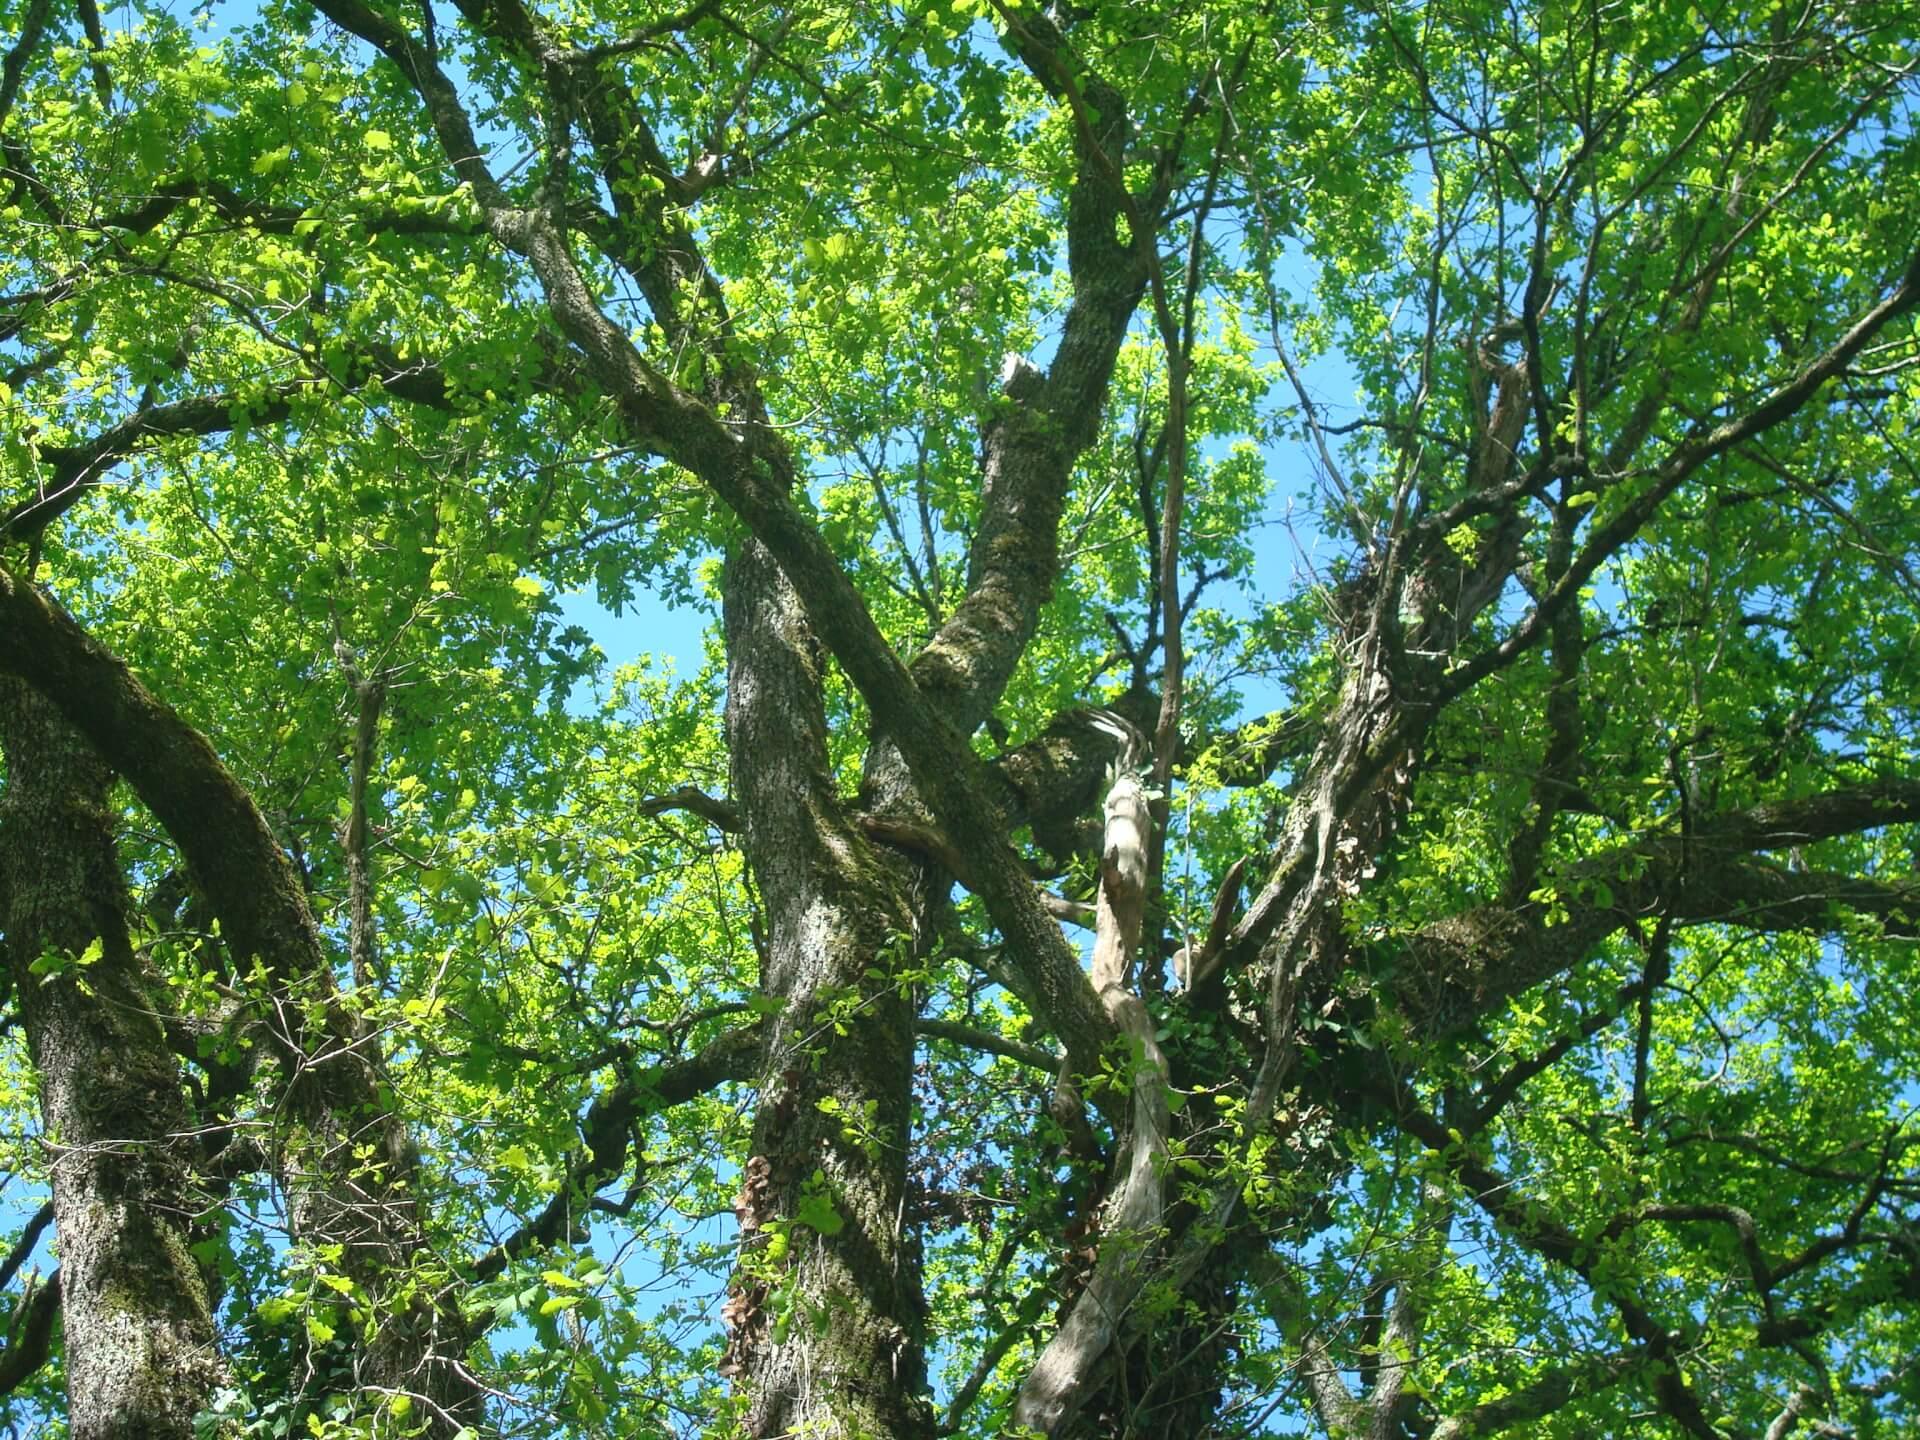 2020 - Frondaisons/Foliage